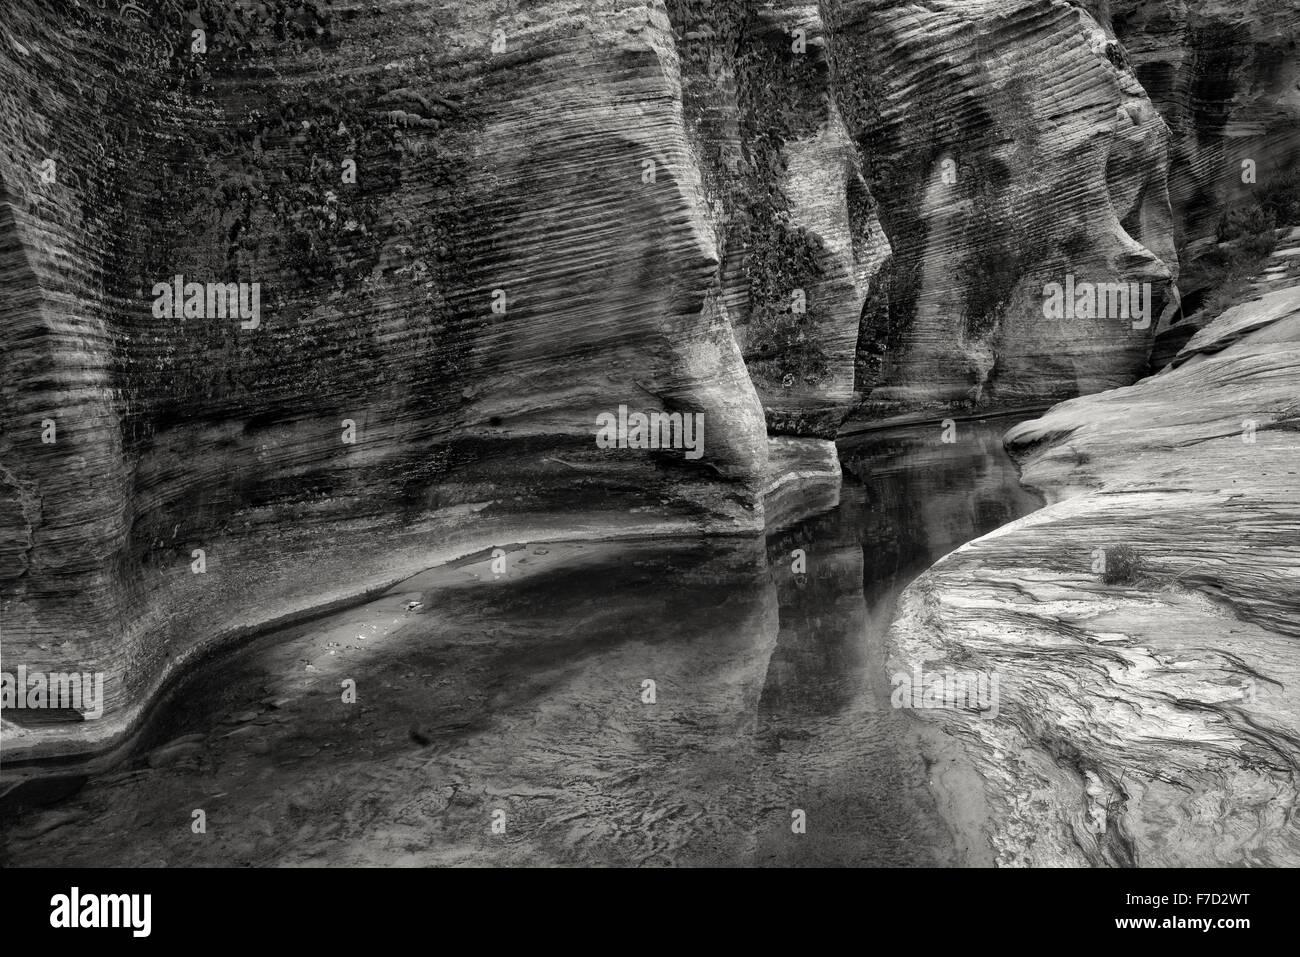 Lit du cours d'eau saisonniers et de réflexion. Zion National Park, UT Photo Stock